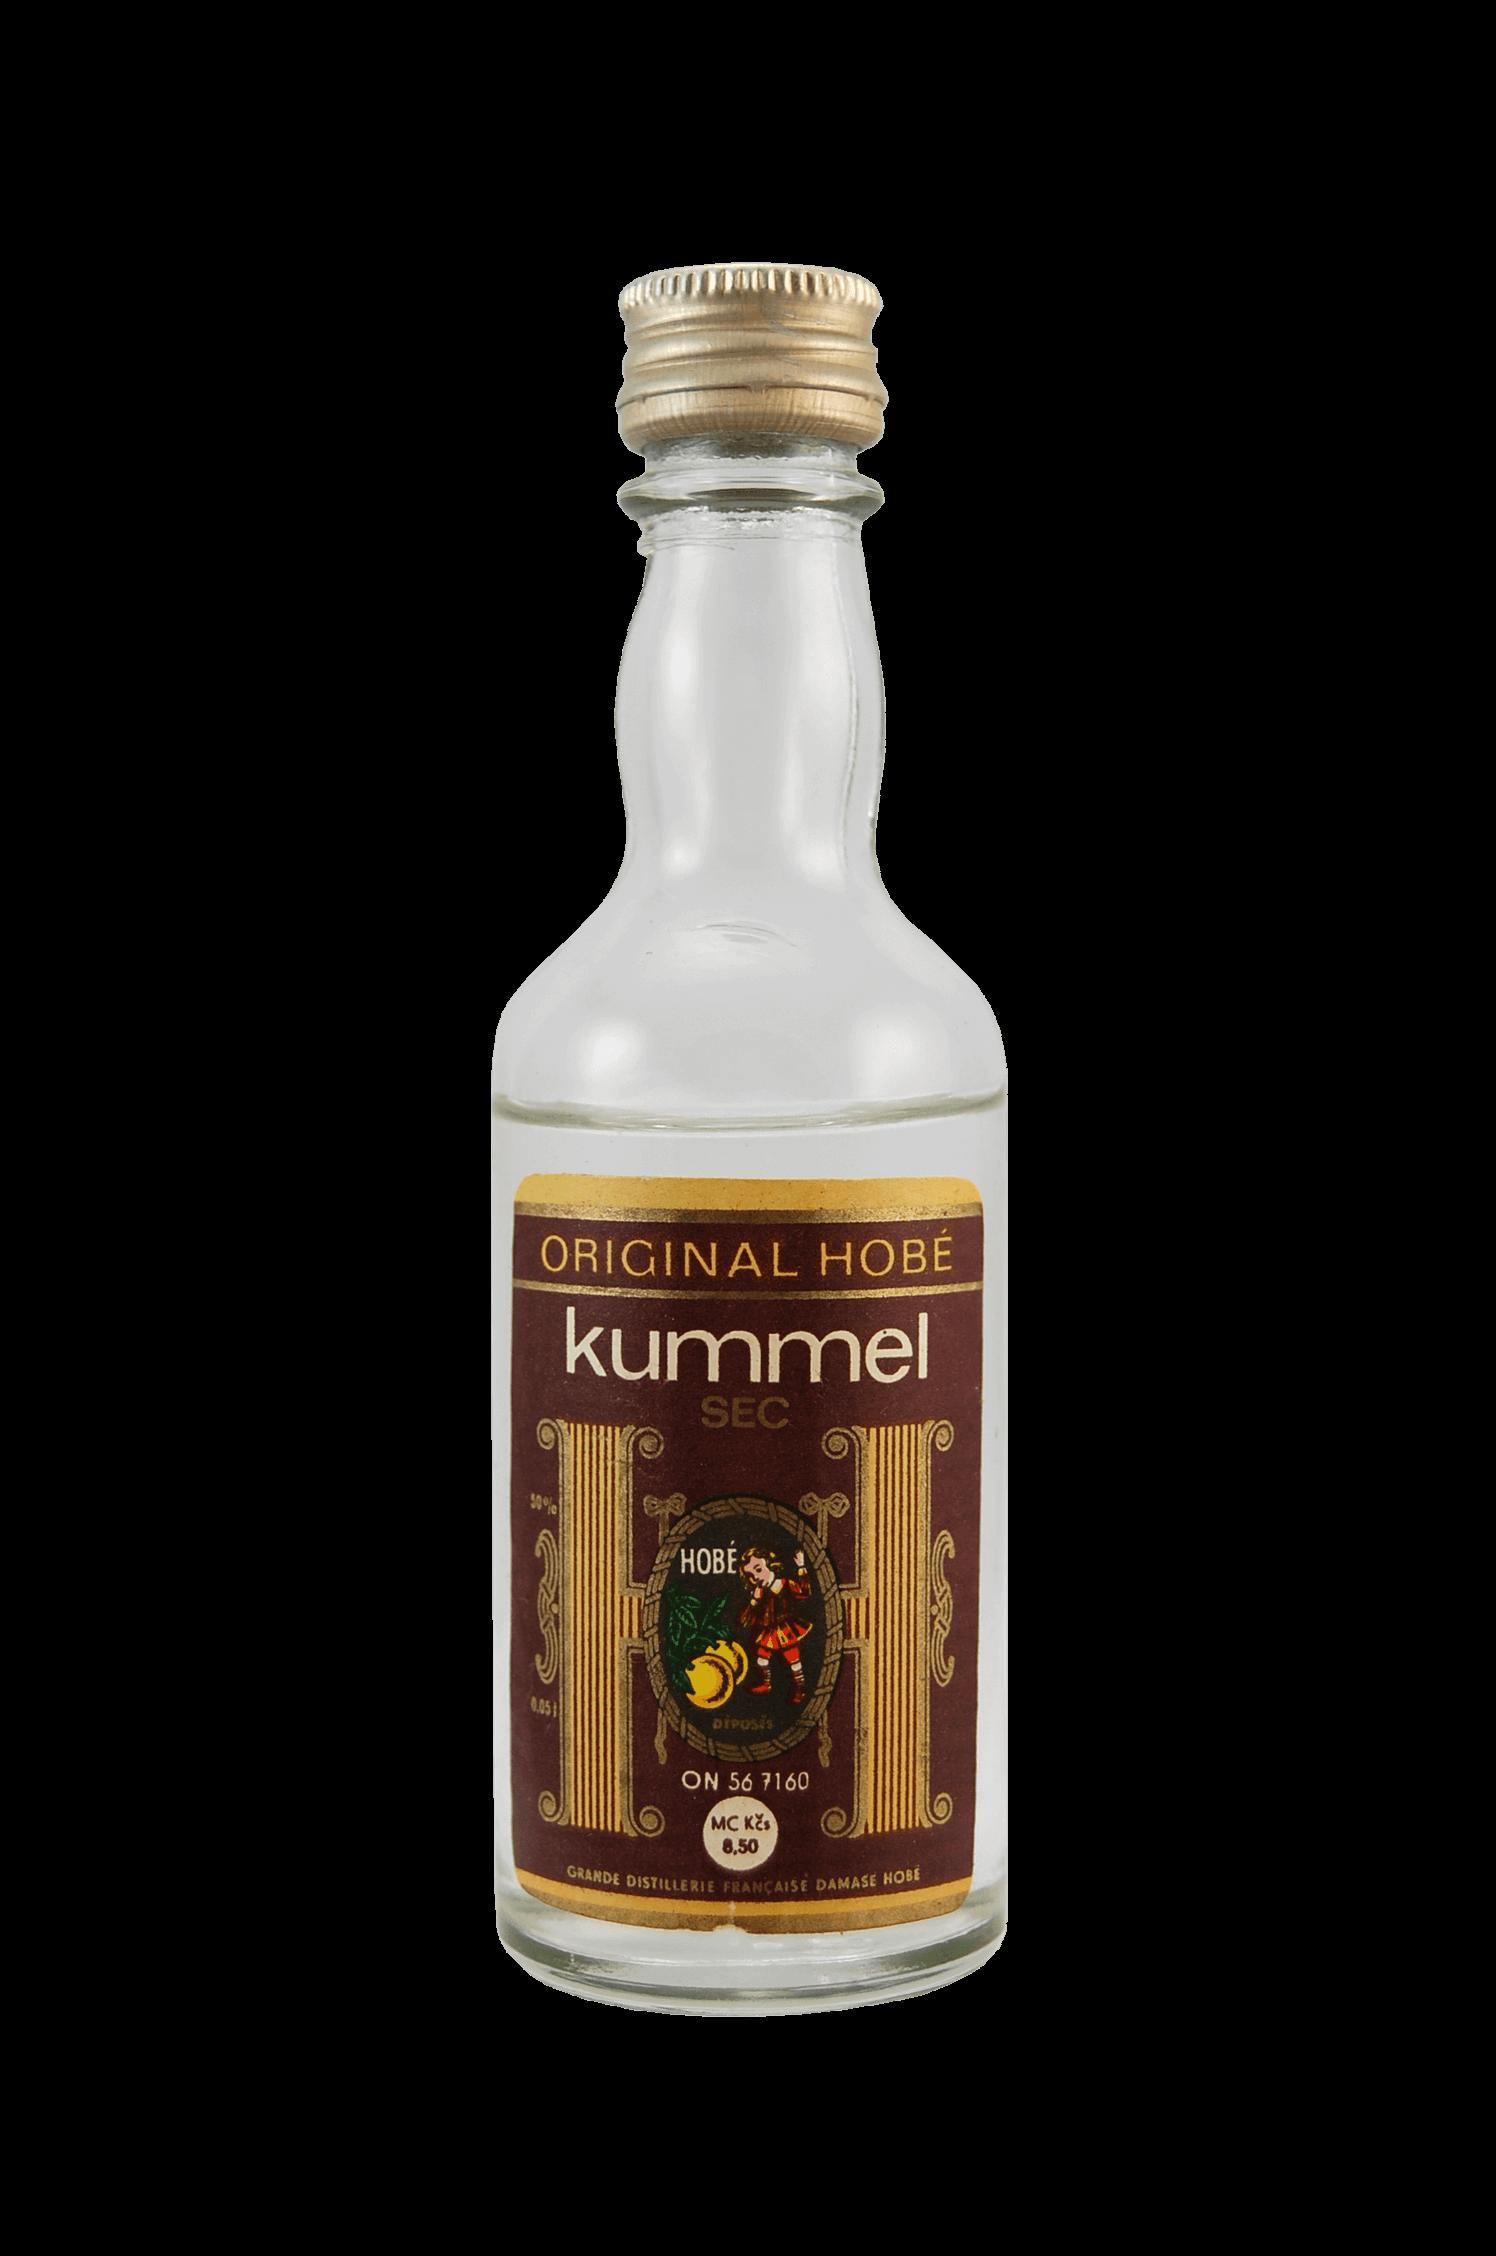 Hóbe Kummel – Sec